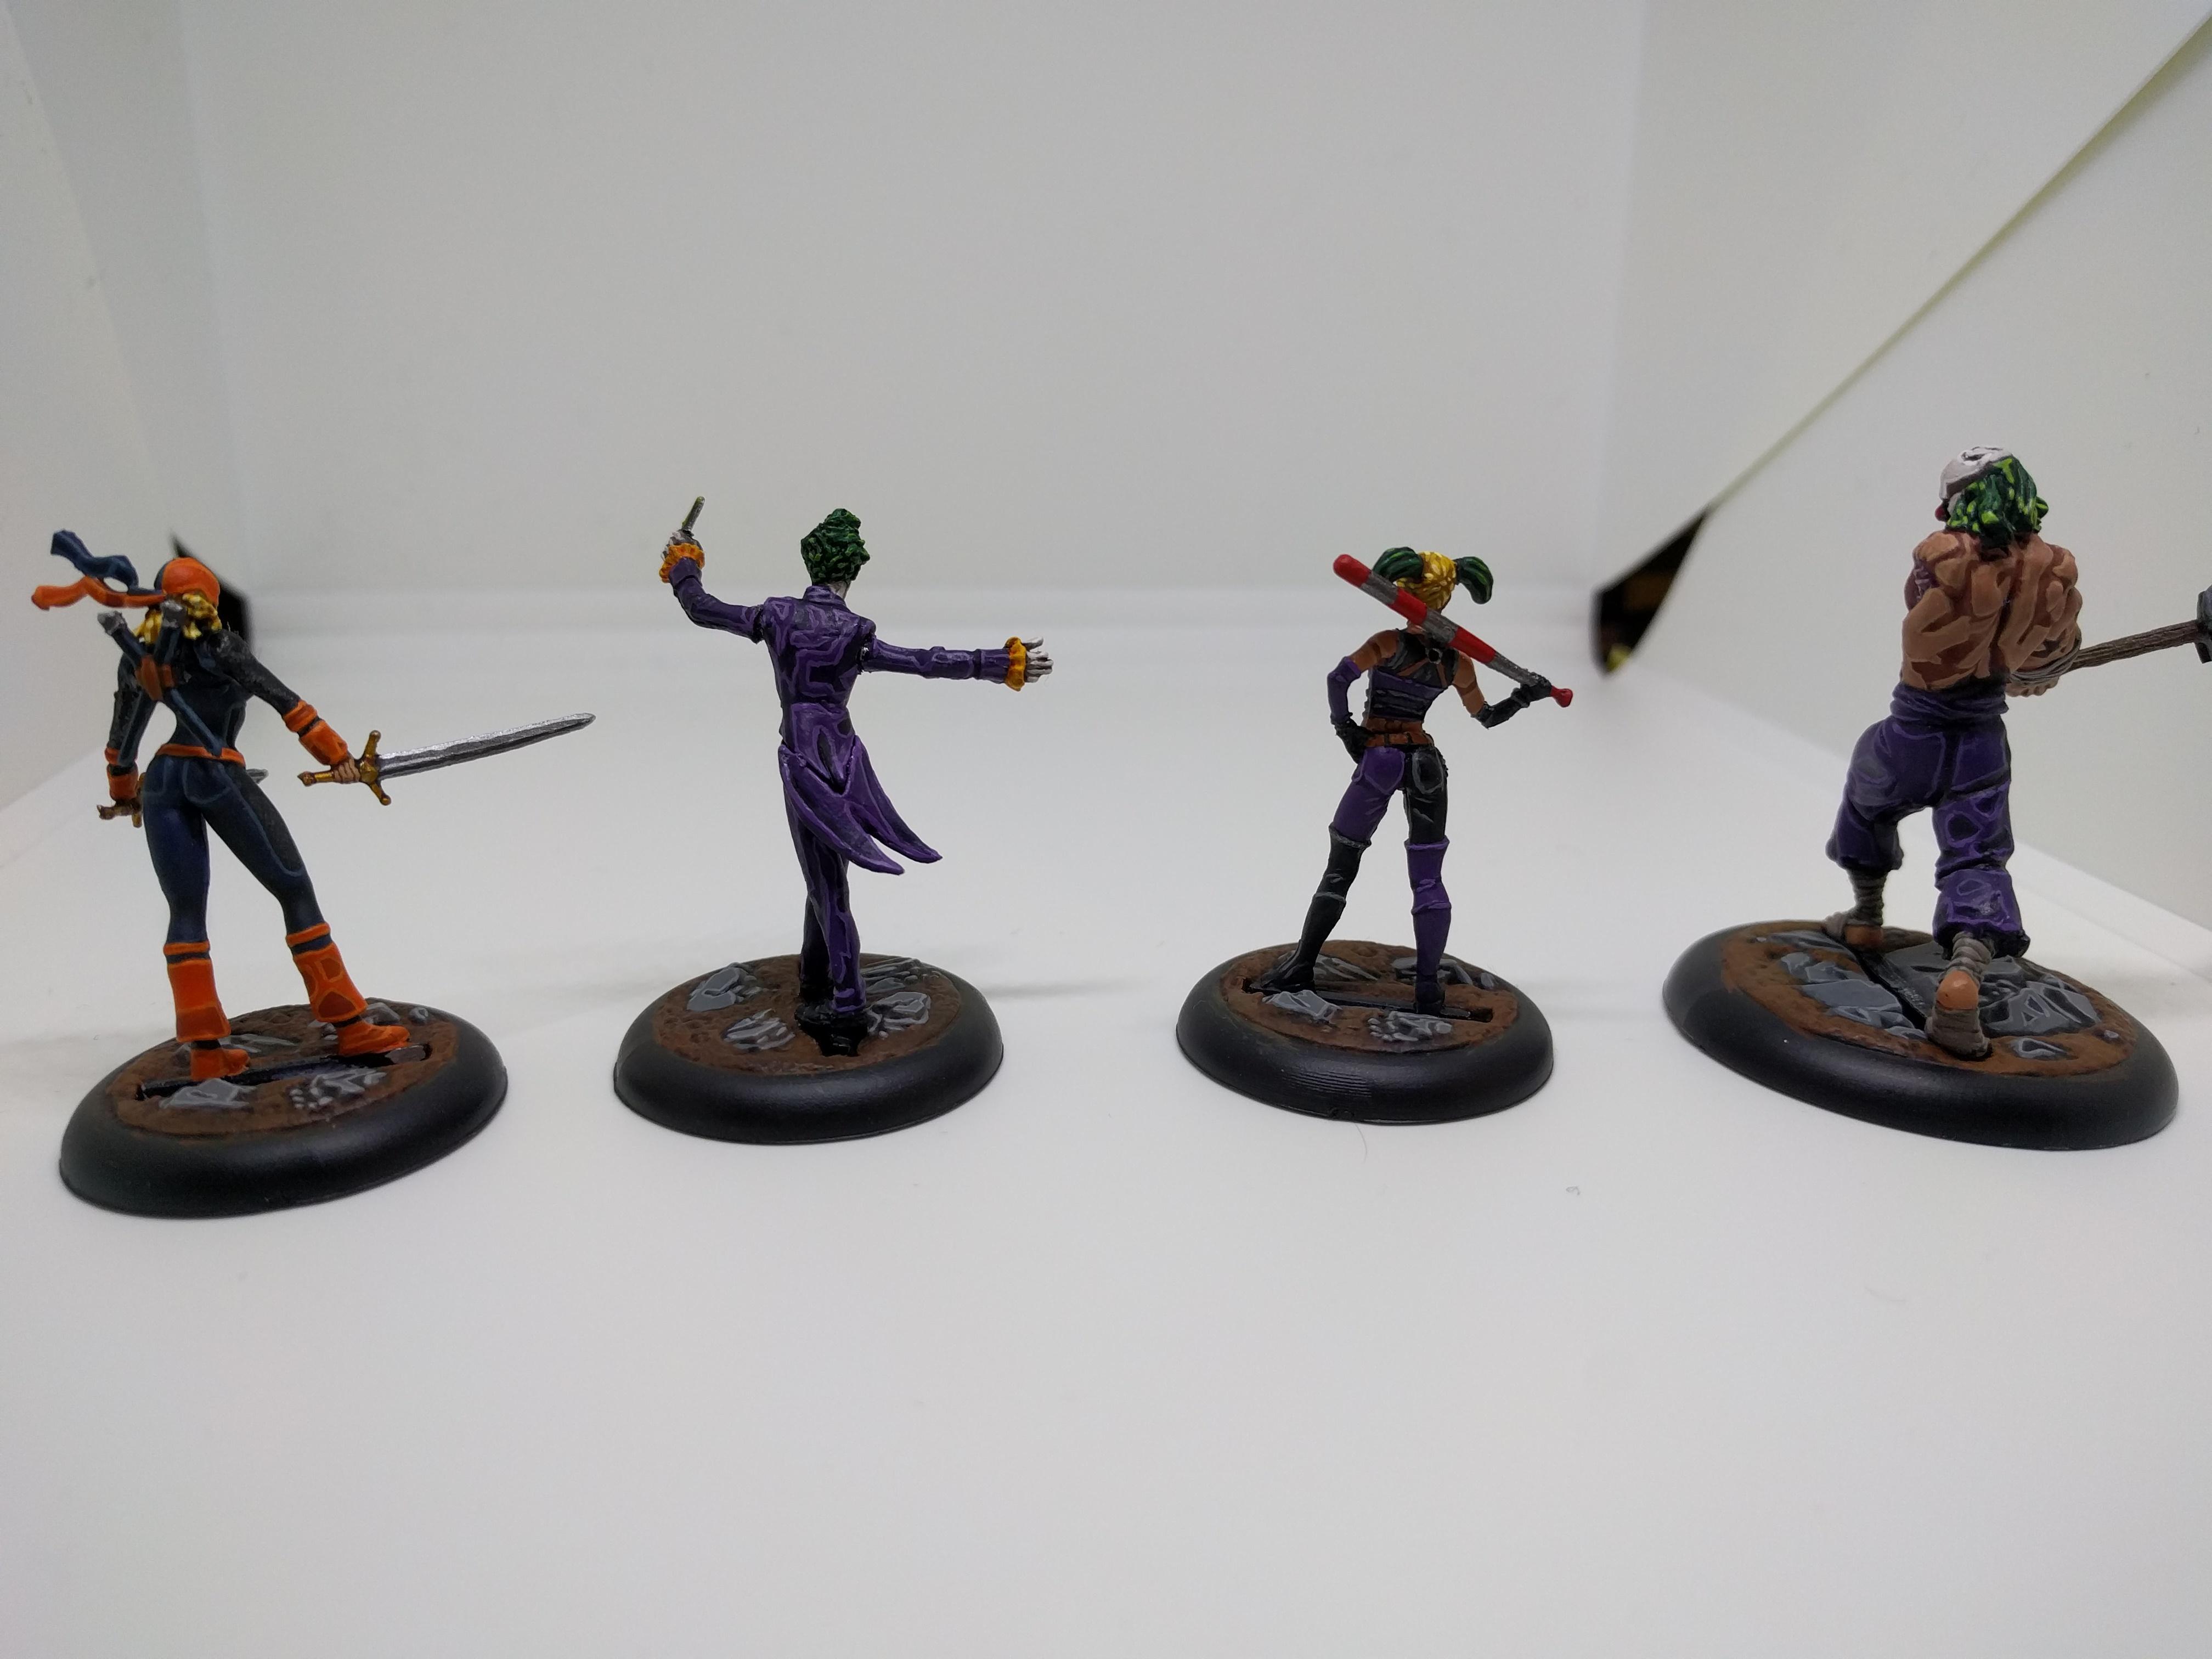 Batman, Harley Quinn, Joker, Knights, Ravager